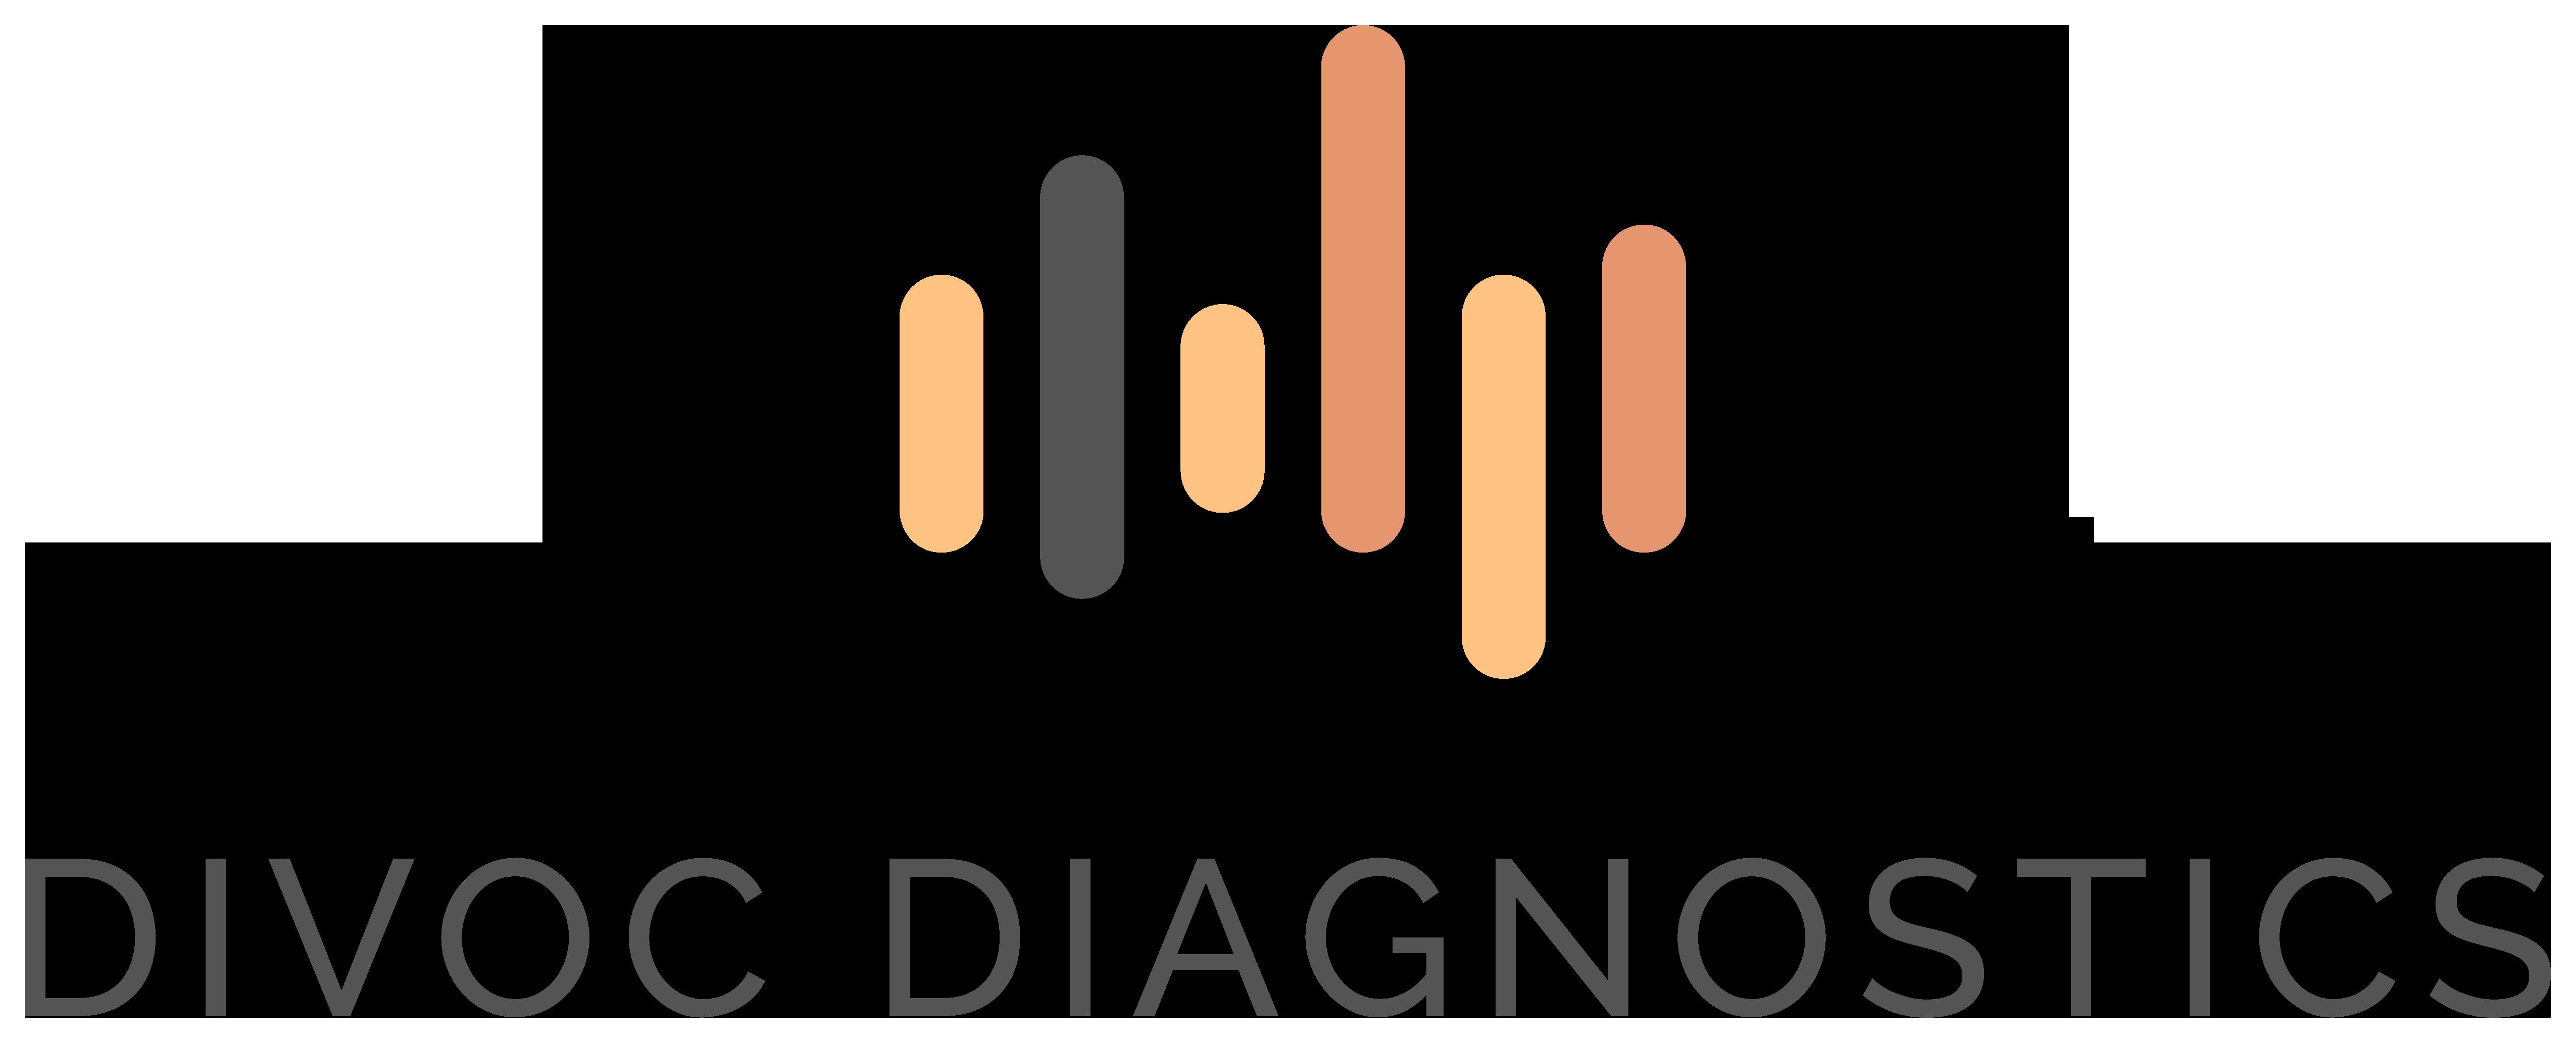 Divoc Diagnostics